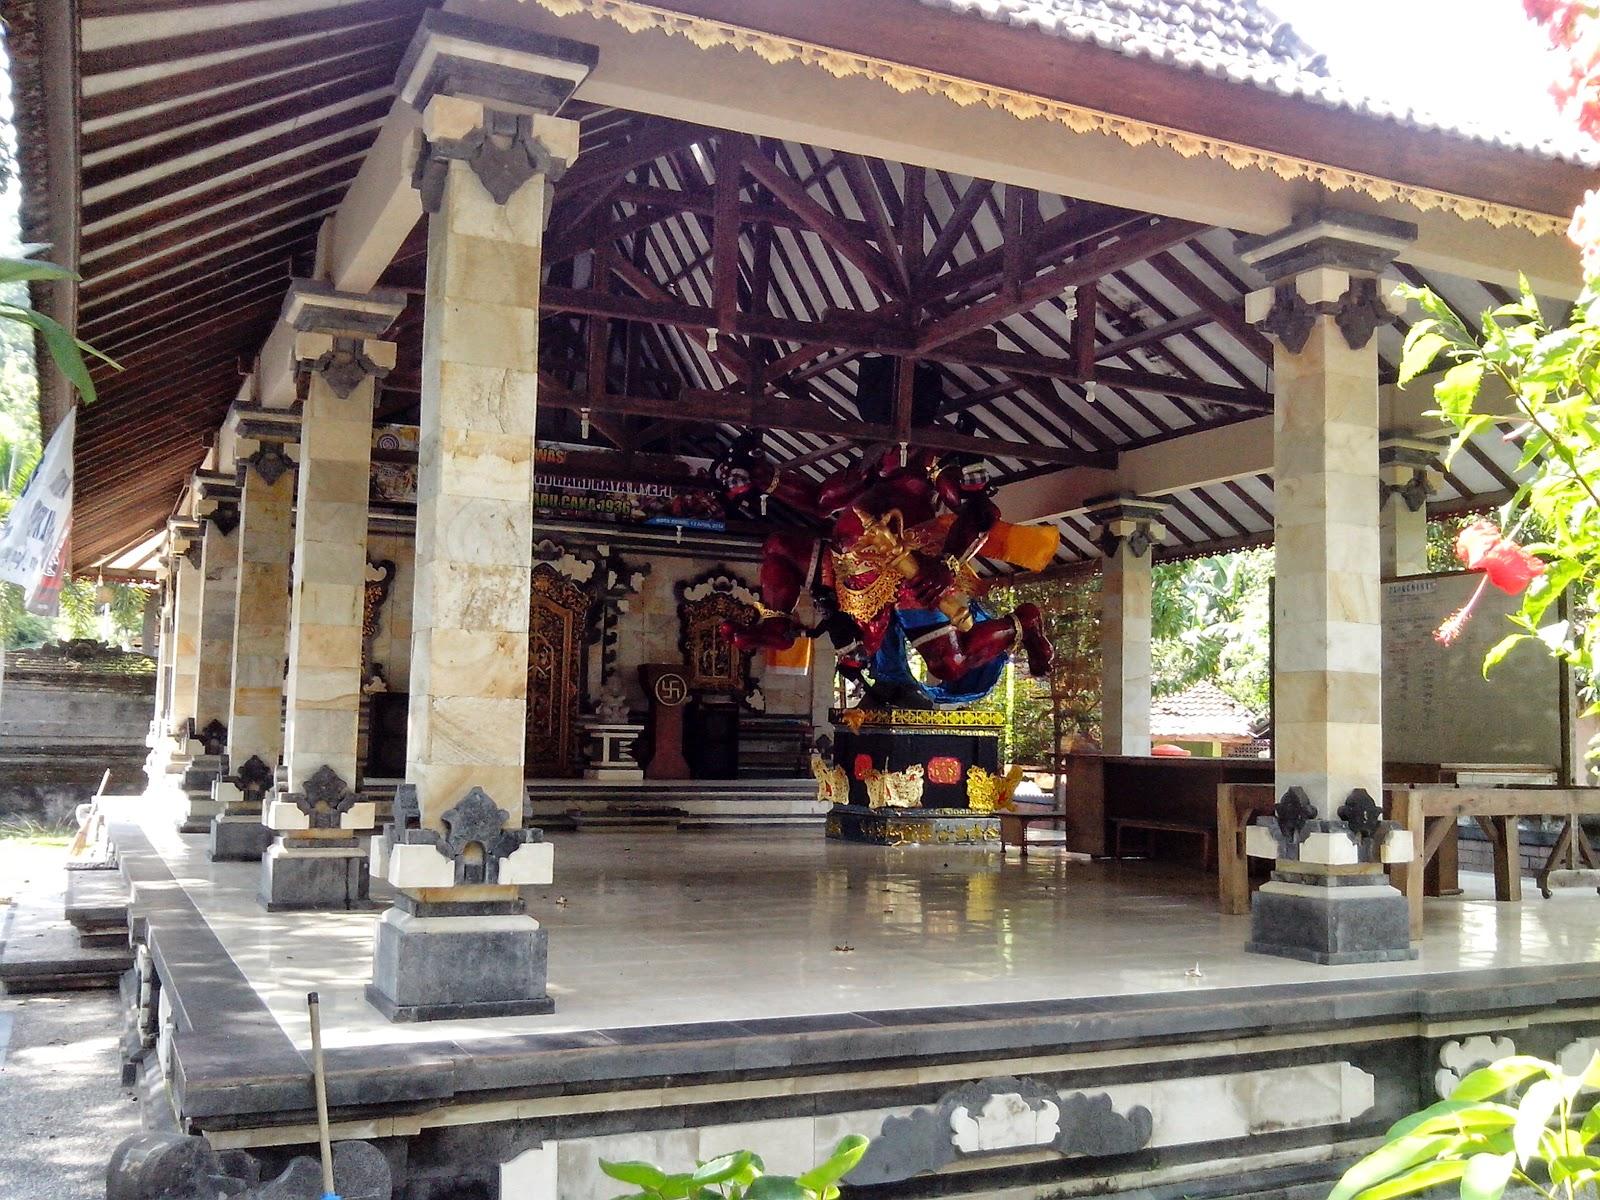 Wisata Sejarah Goa Selo Mangleng Kediri Negara Pendapa Pura Penataran